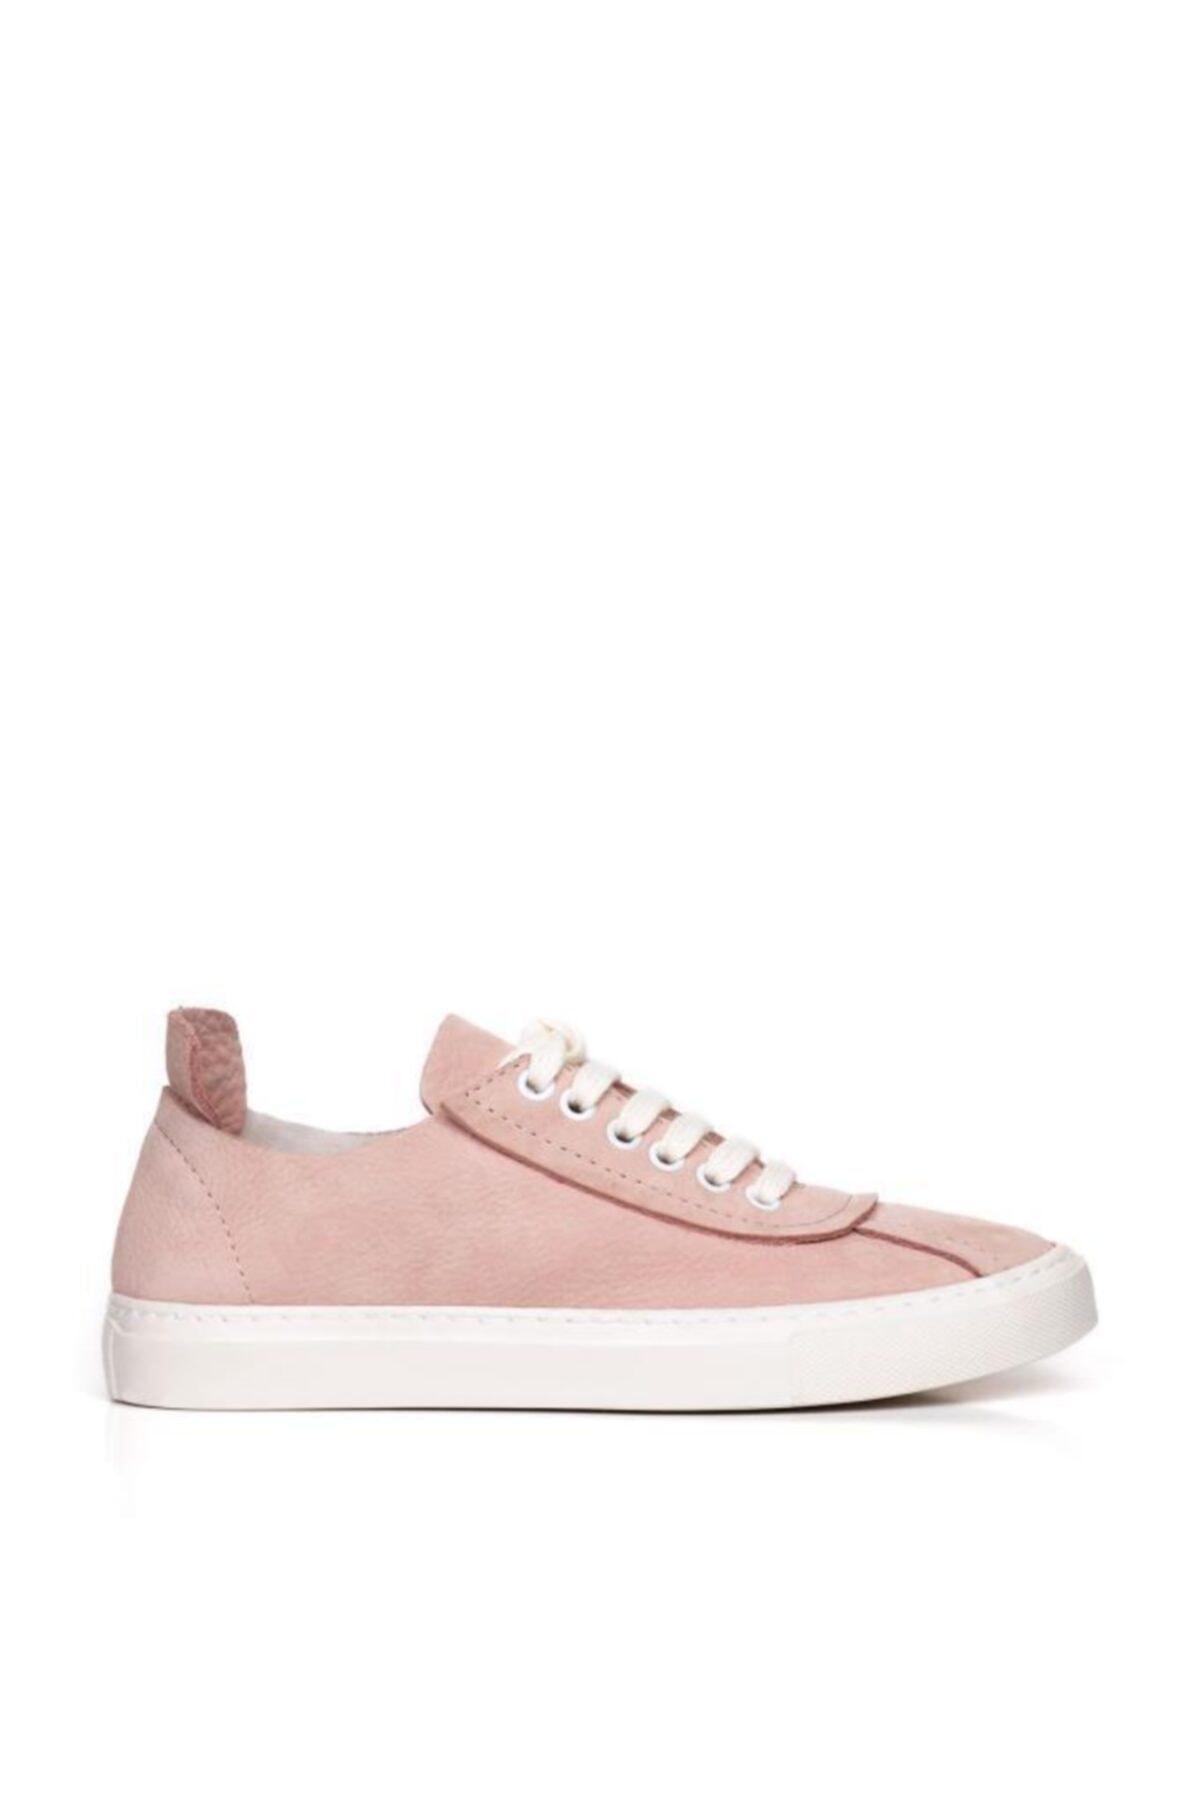 BUENO Shoes Hakiki Deri Bağcık Detaylı Kadın Spor Ayakkabı 20wq4703 2